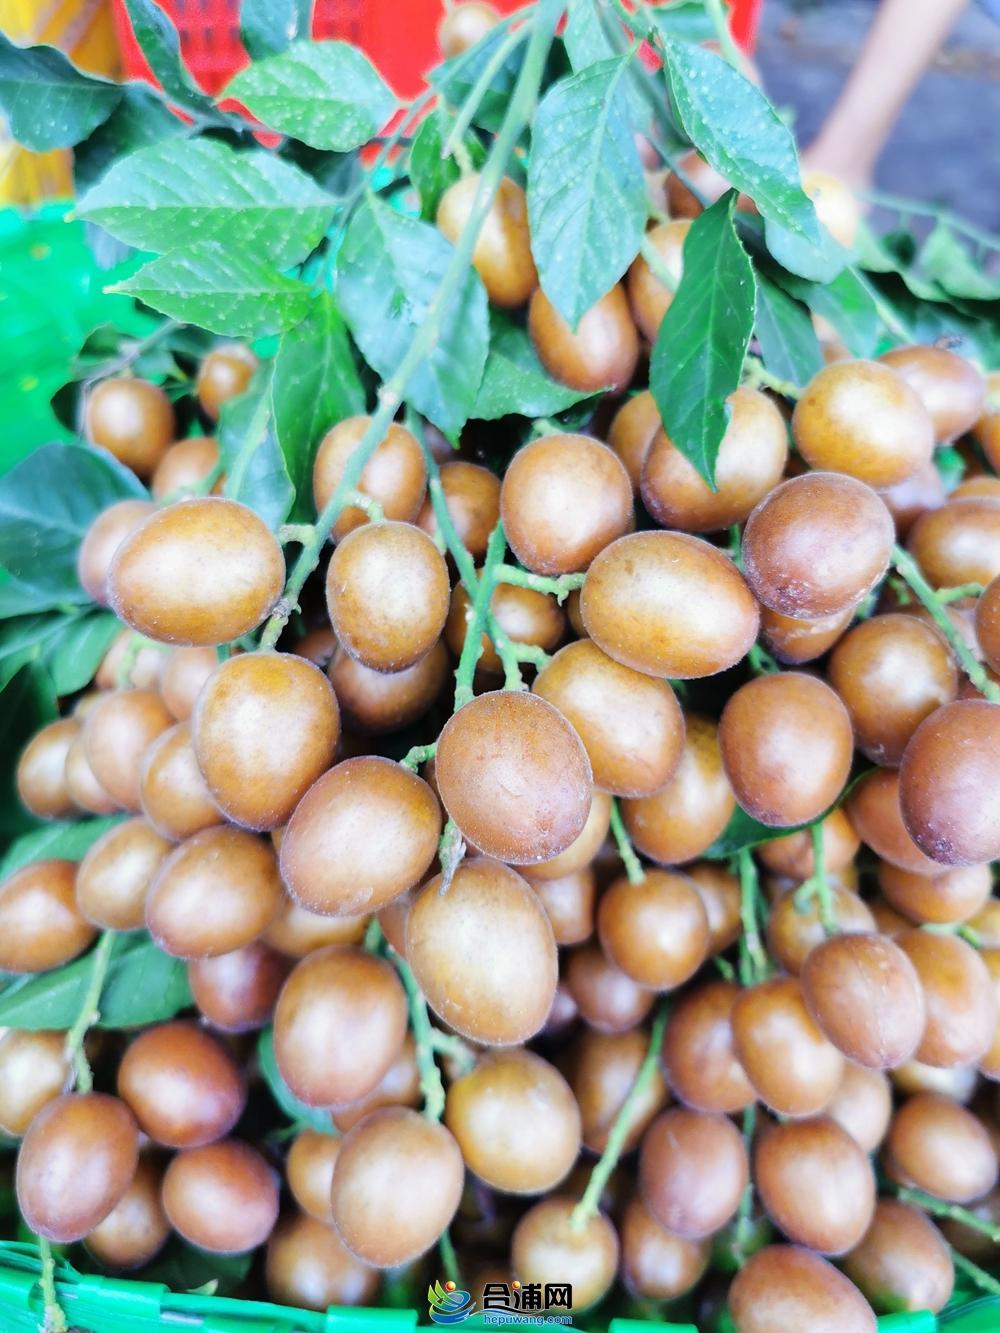 酸酸甜甜,夏日才有的时令水果,合浦廉东市场批发价3.5元/斤...